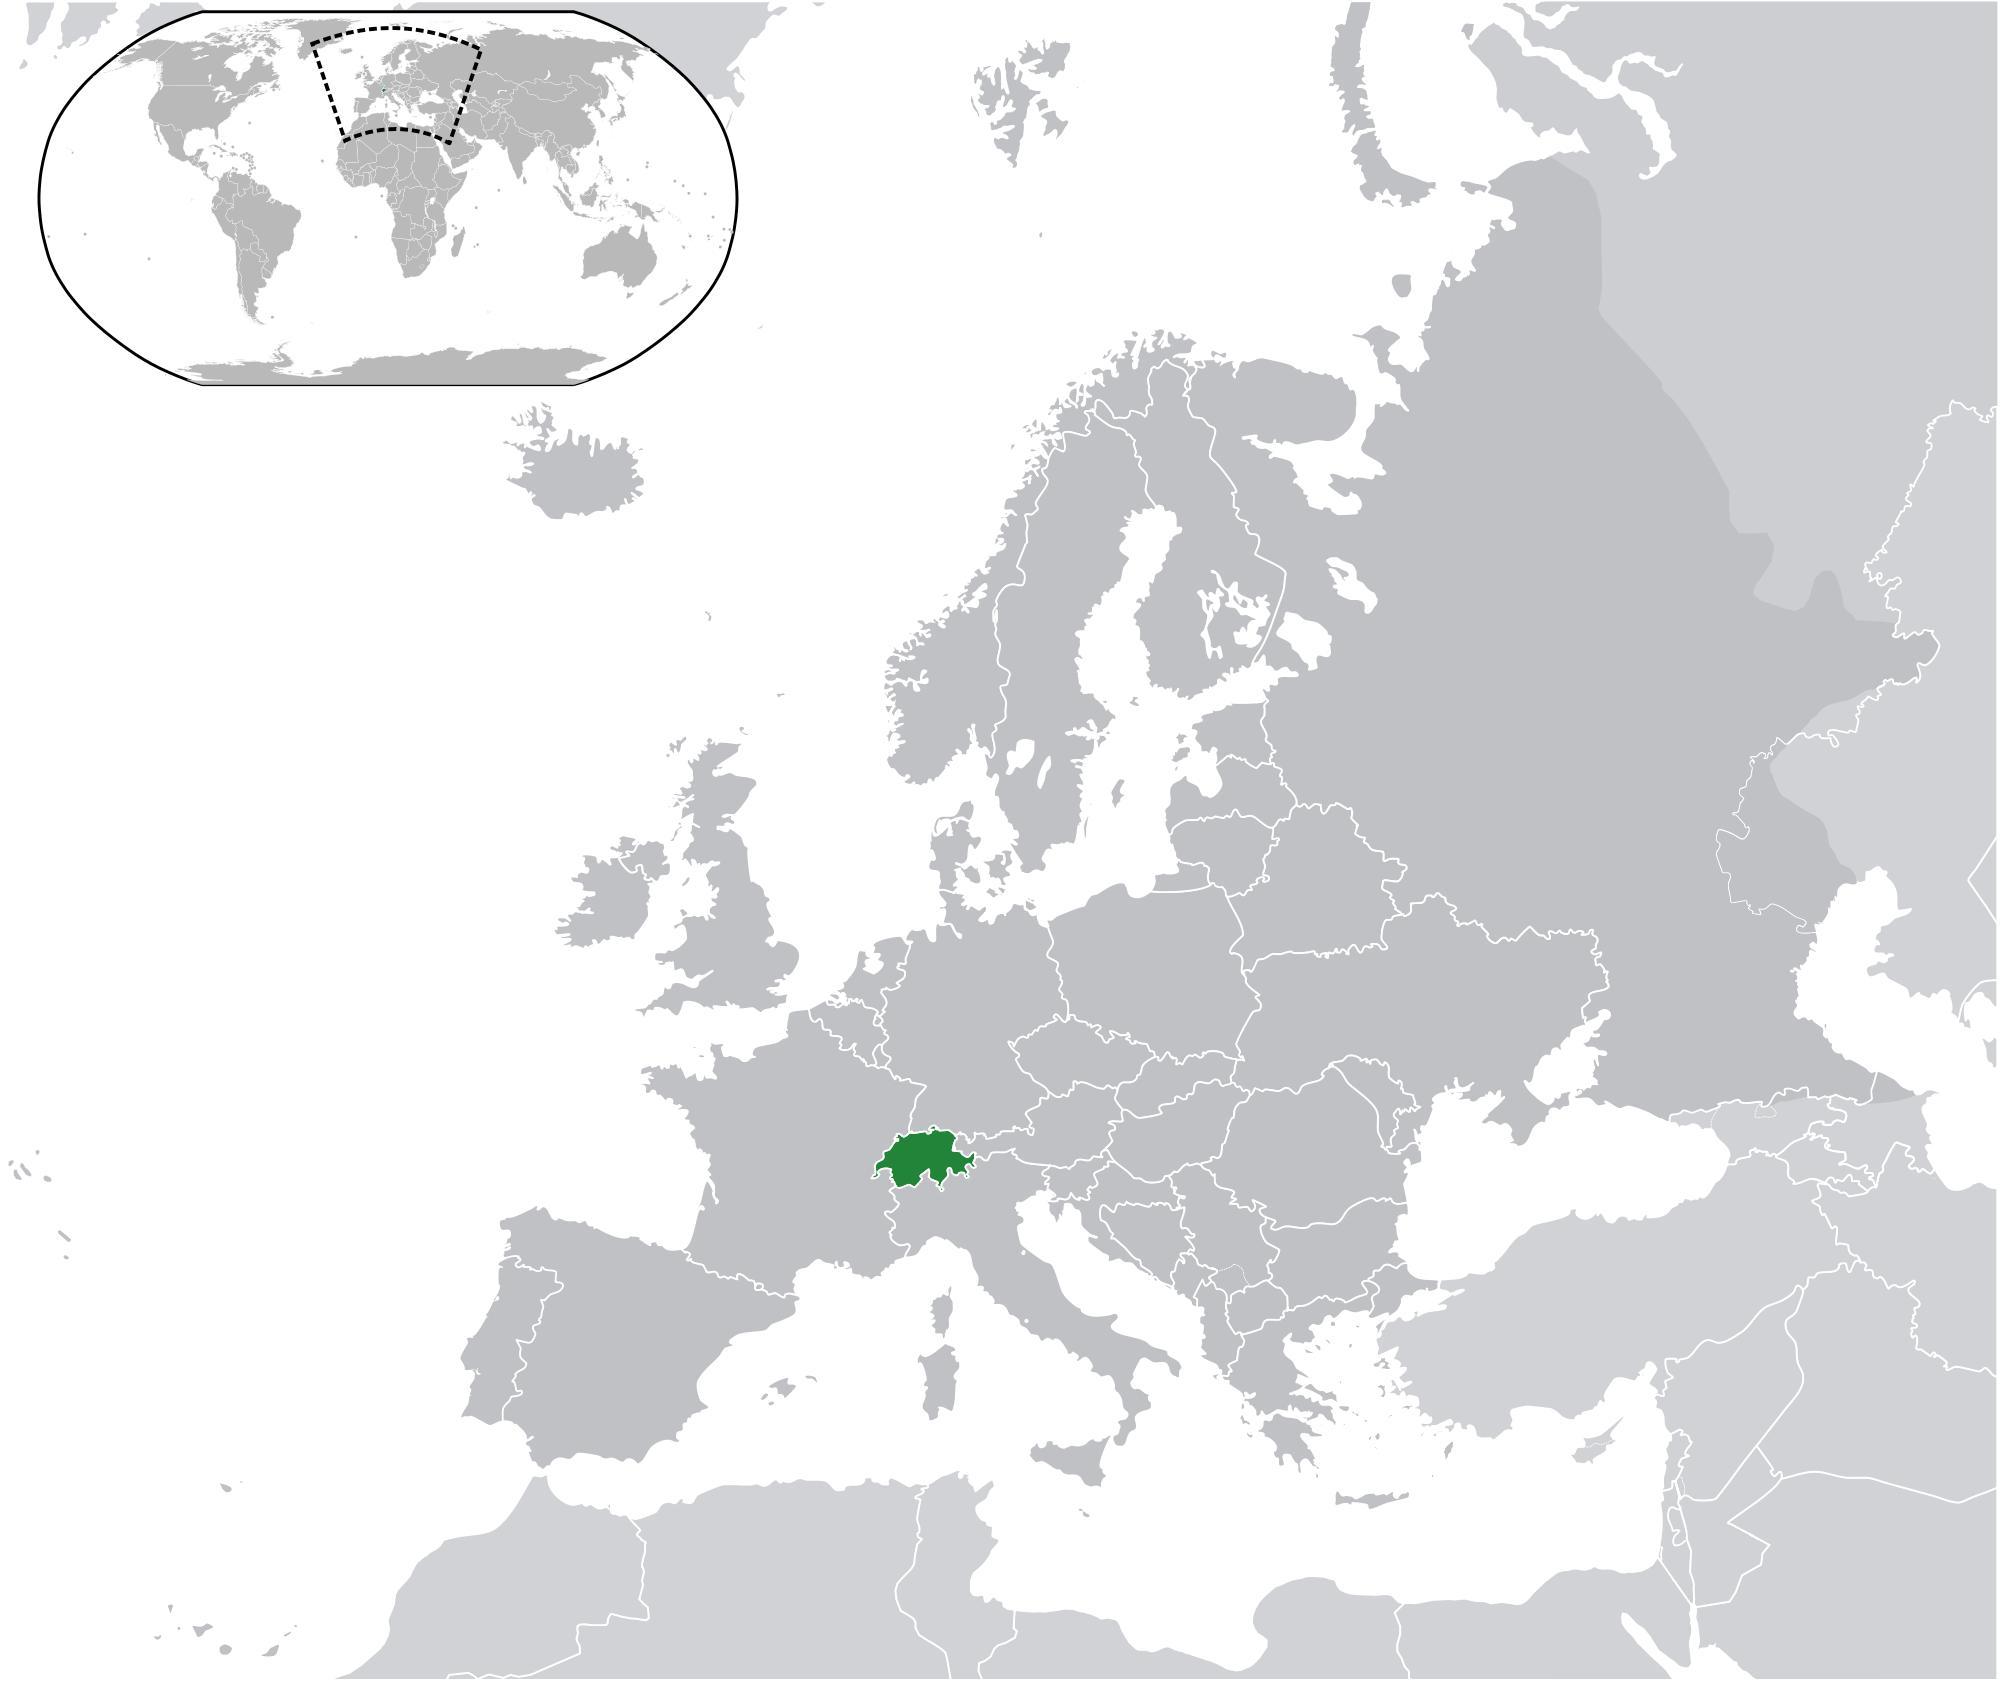 Karta Varlden Europa.Schweiz Pa Varldskartan Schweiz Karta Pa Varlden Vasteuropa Europa